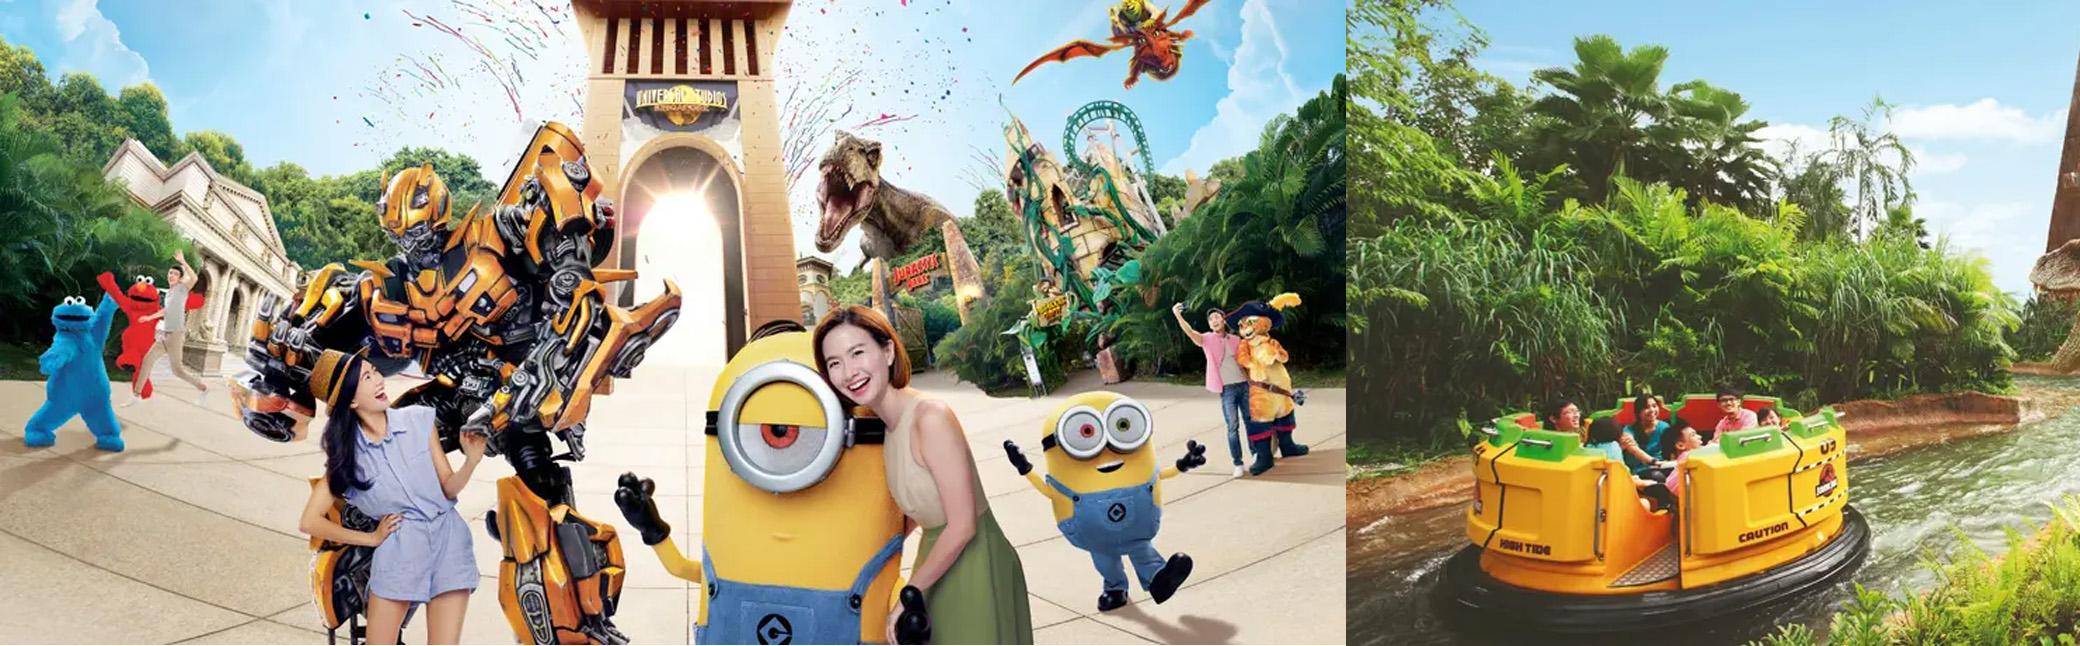 บัตรเข้าสวนสนุกยูนิเวอร์แซล สตูดิโอ สิงคโปร์ (Universal Studios Singapore™ ) 1 วัน